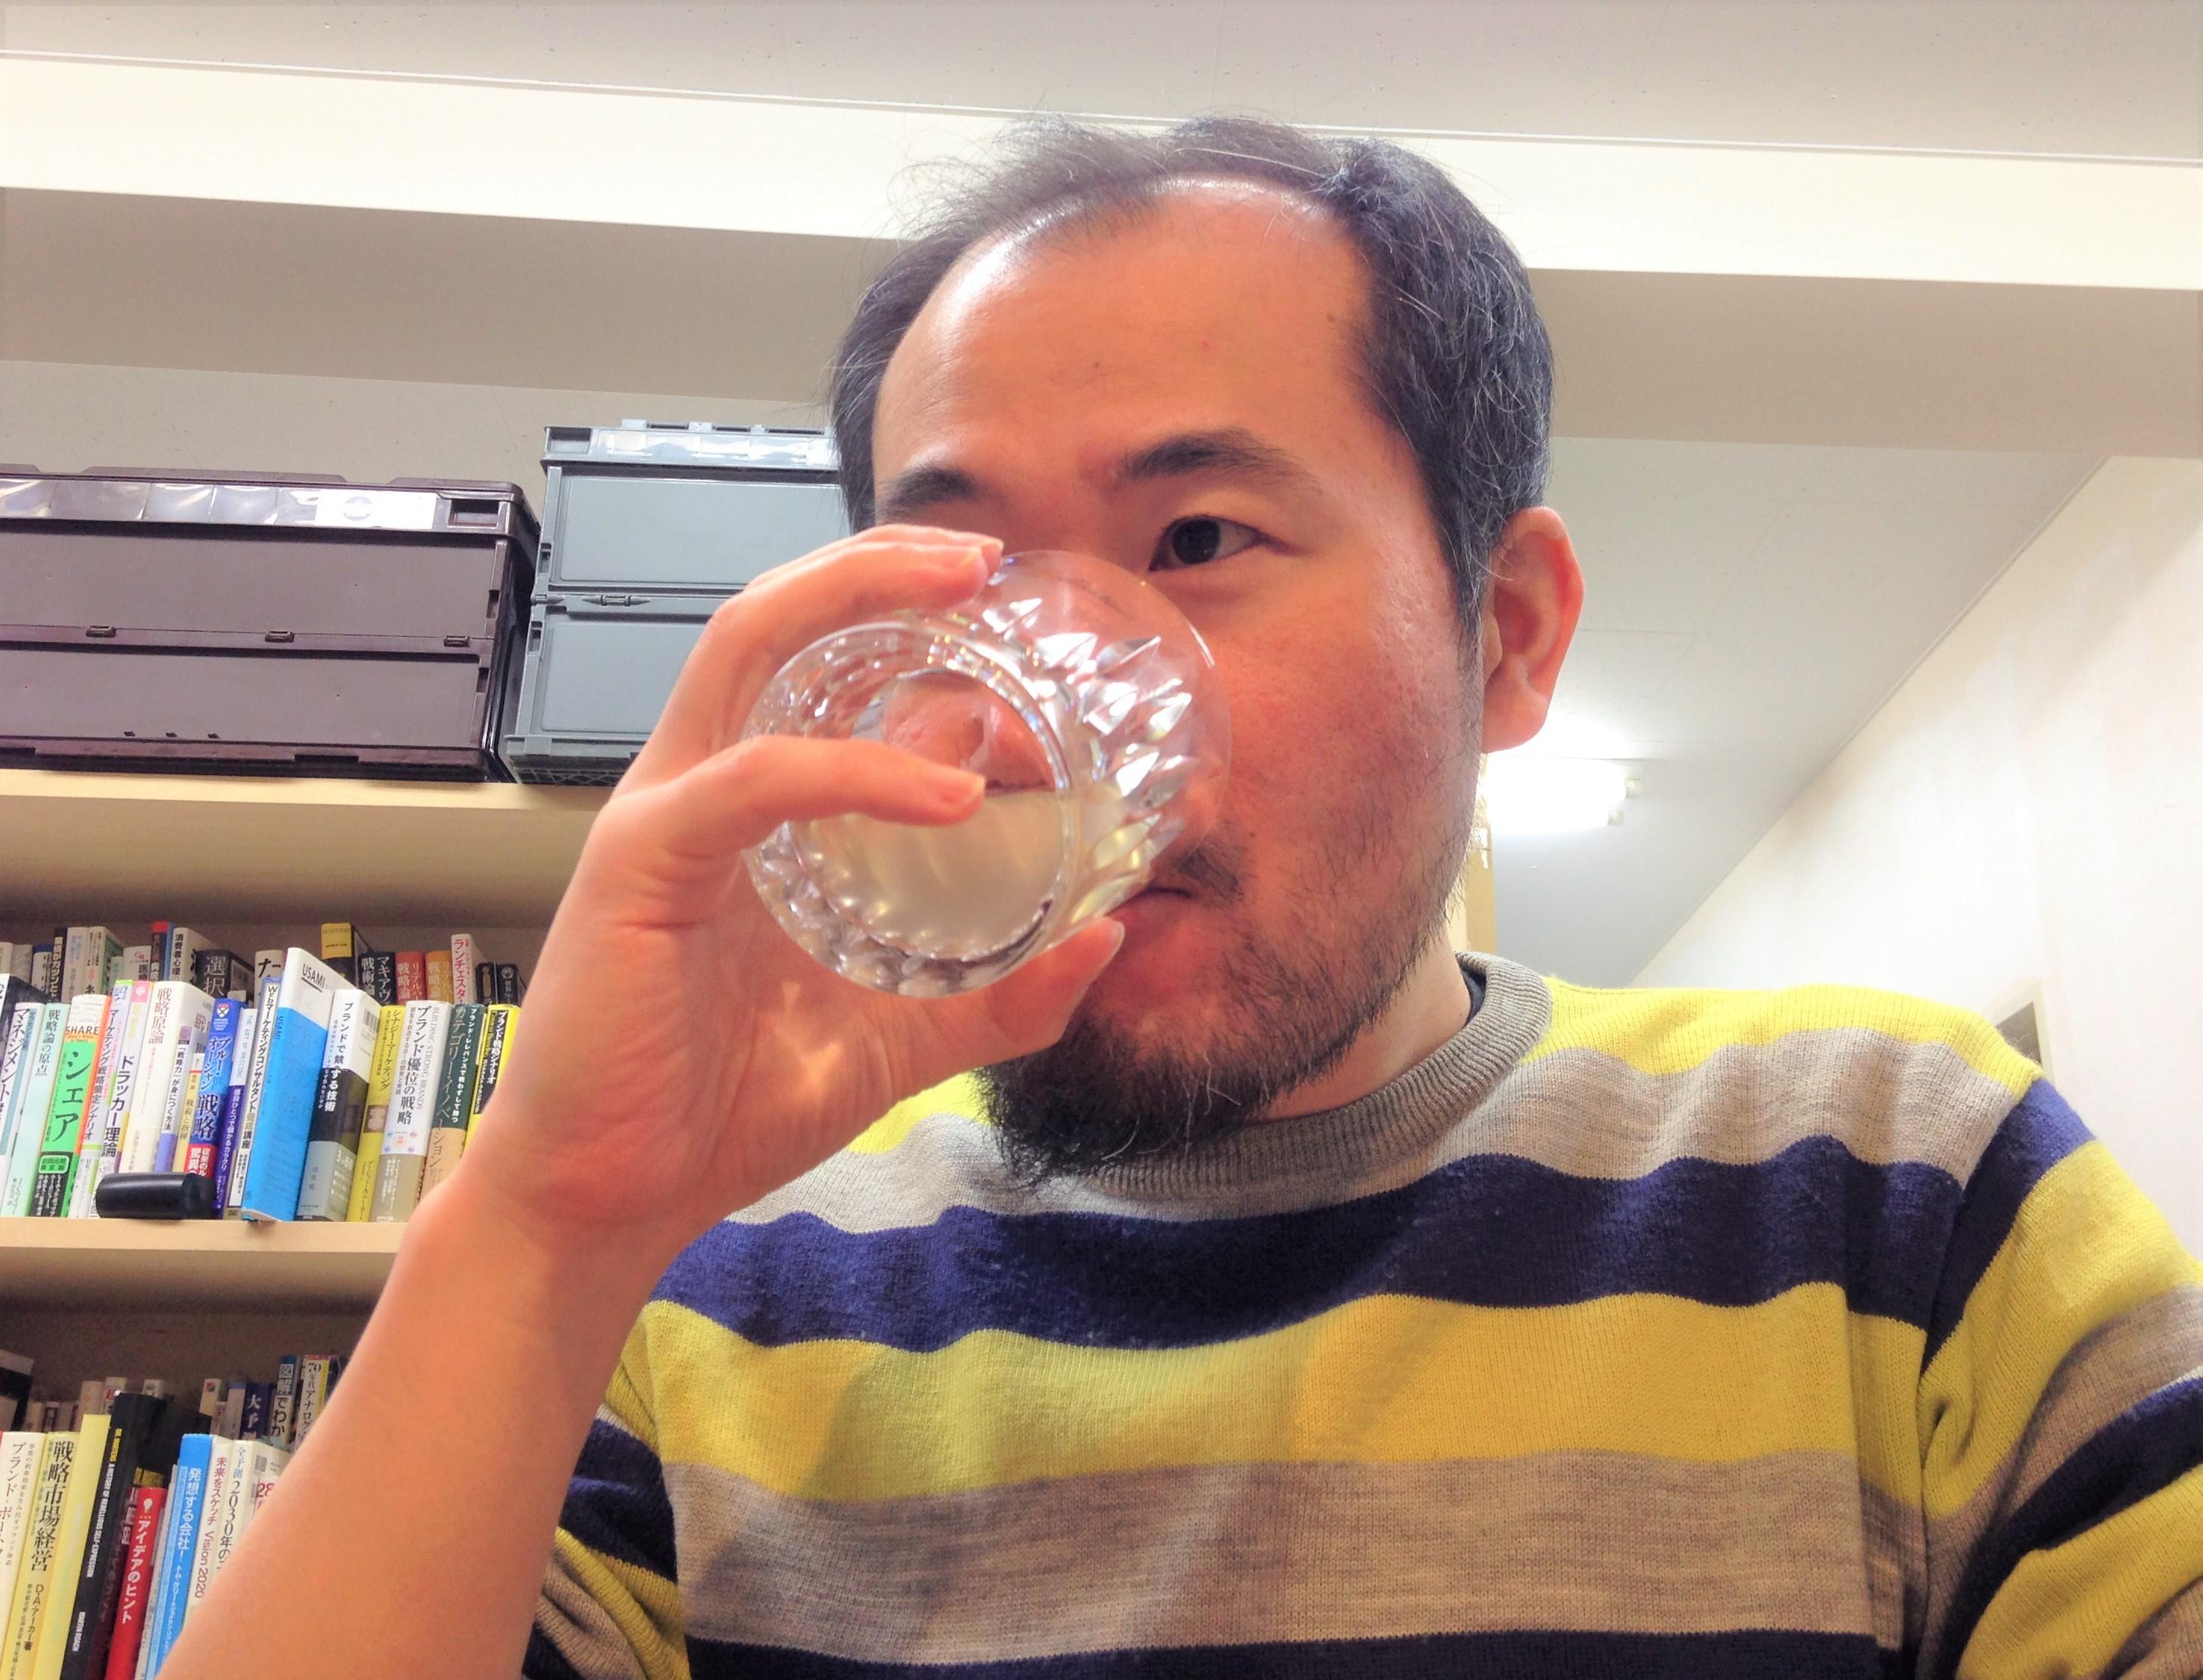 【おでん出汁と混ぜてうまい酒選手権】おでんをツマミに飲むとみせかけ、5種類の酒に出汁をチョロ足しする暴挙。最後に残るのは絶望か希望か?